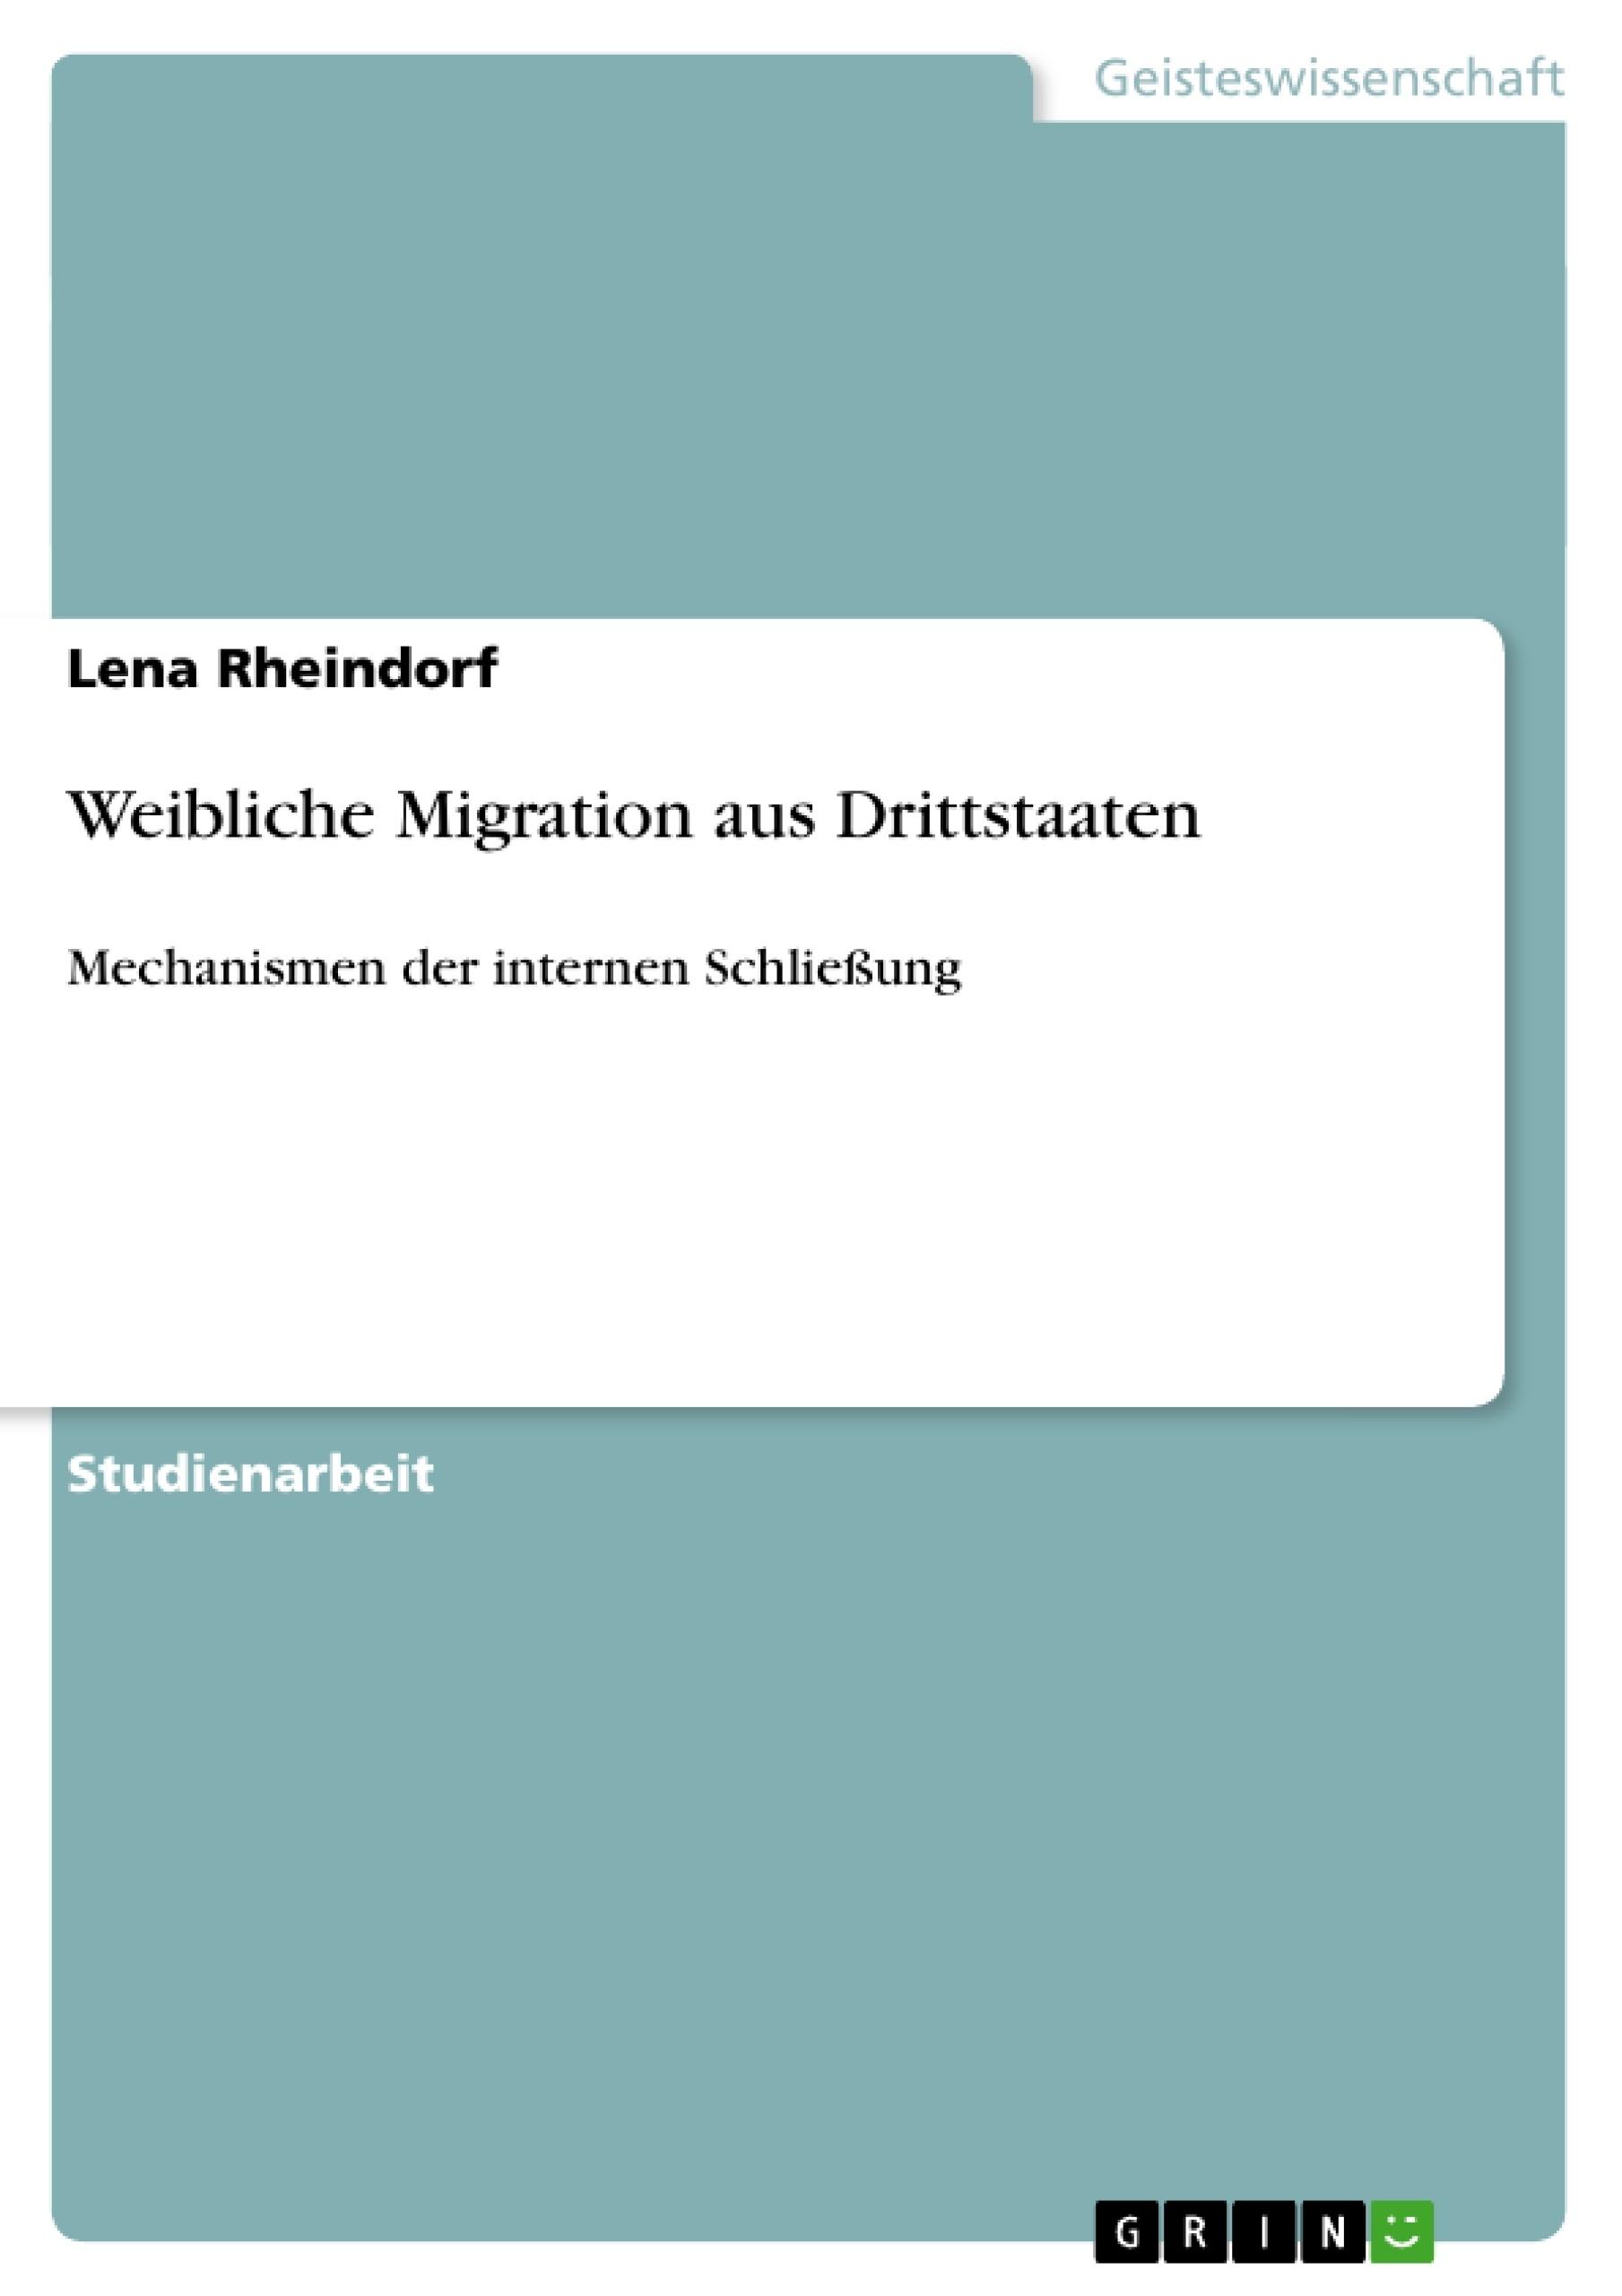 Titel: Weibliche Migration aus Drittstaaten